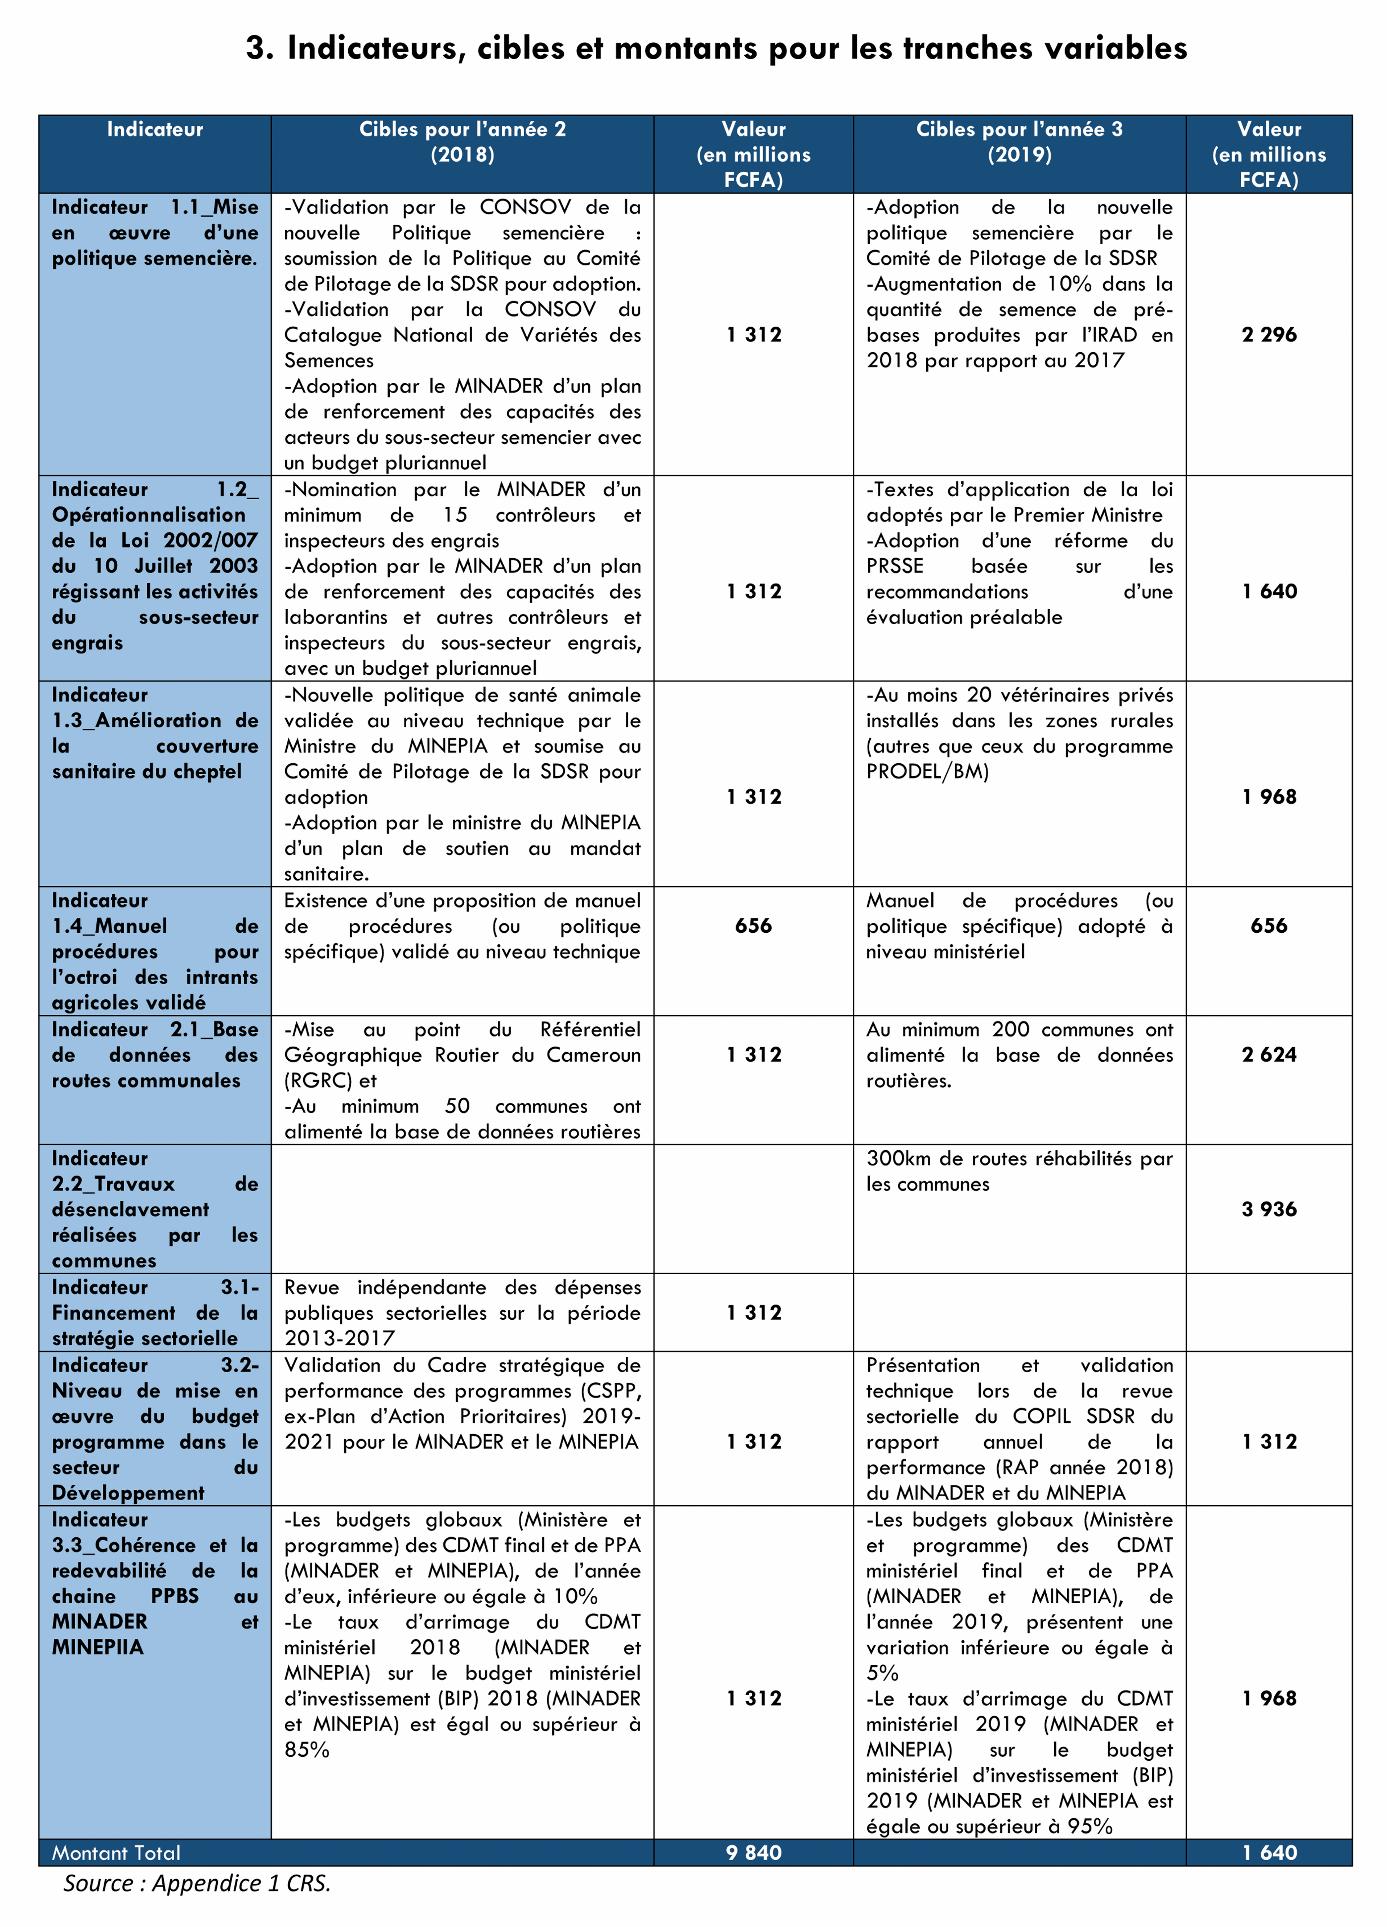 journal-integration-indicateur-cible-et-montants-pour-les-tranches-variables